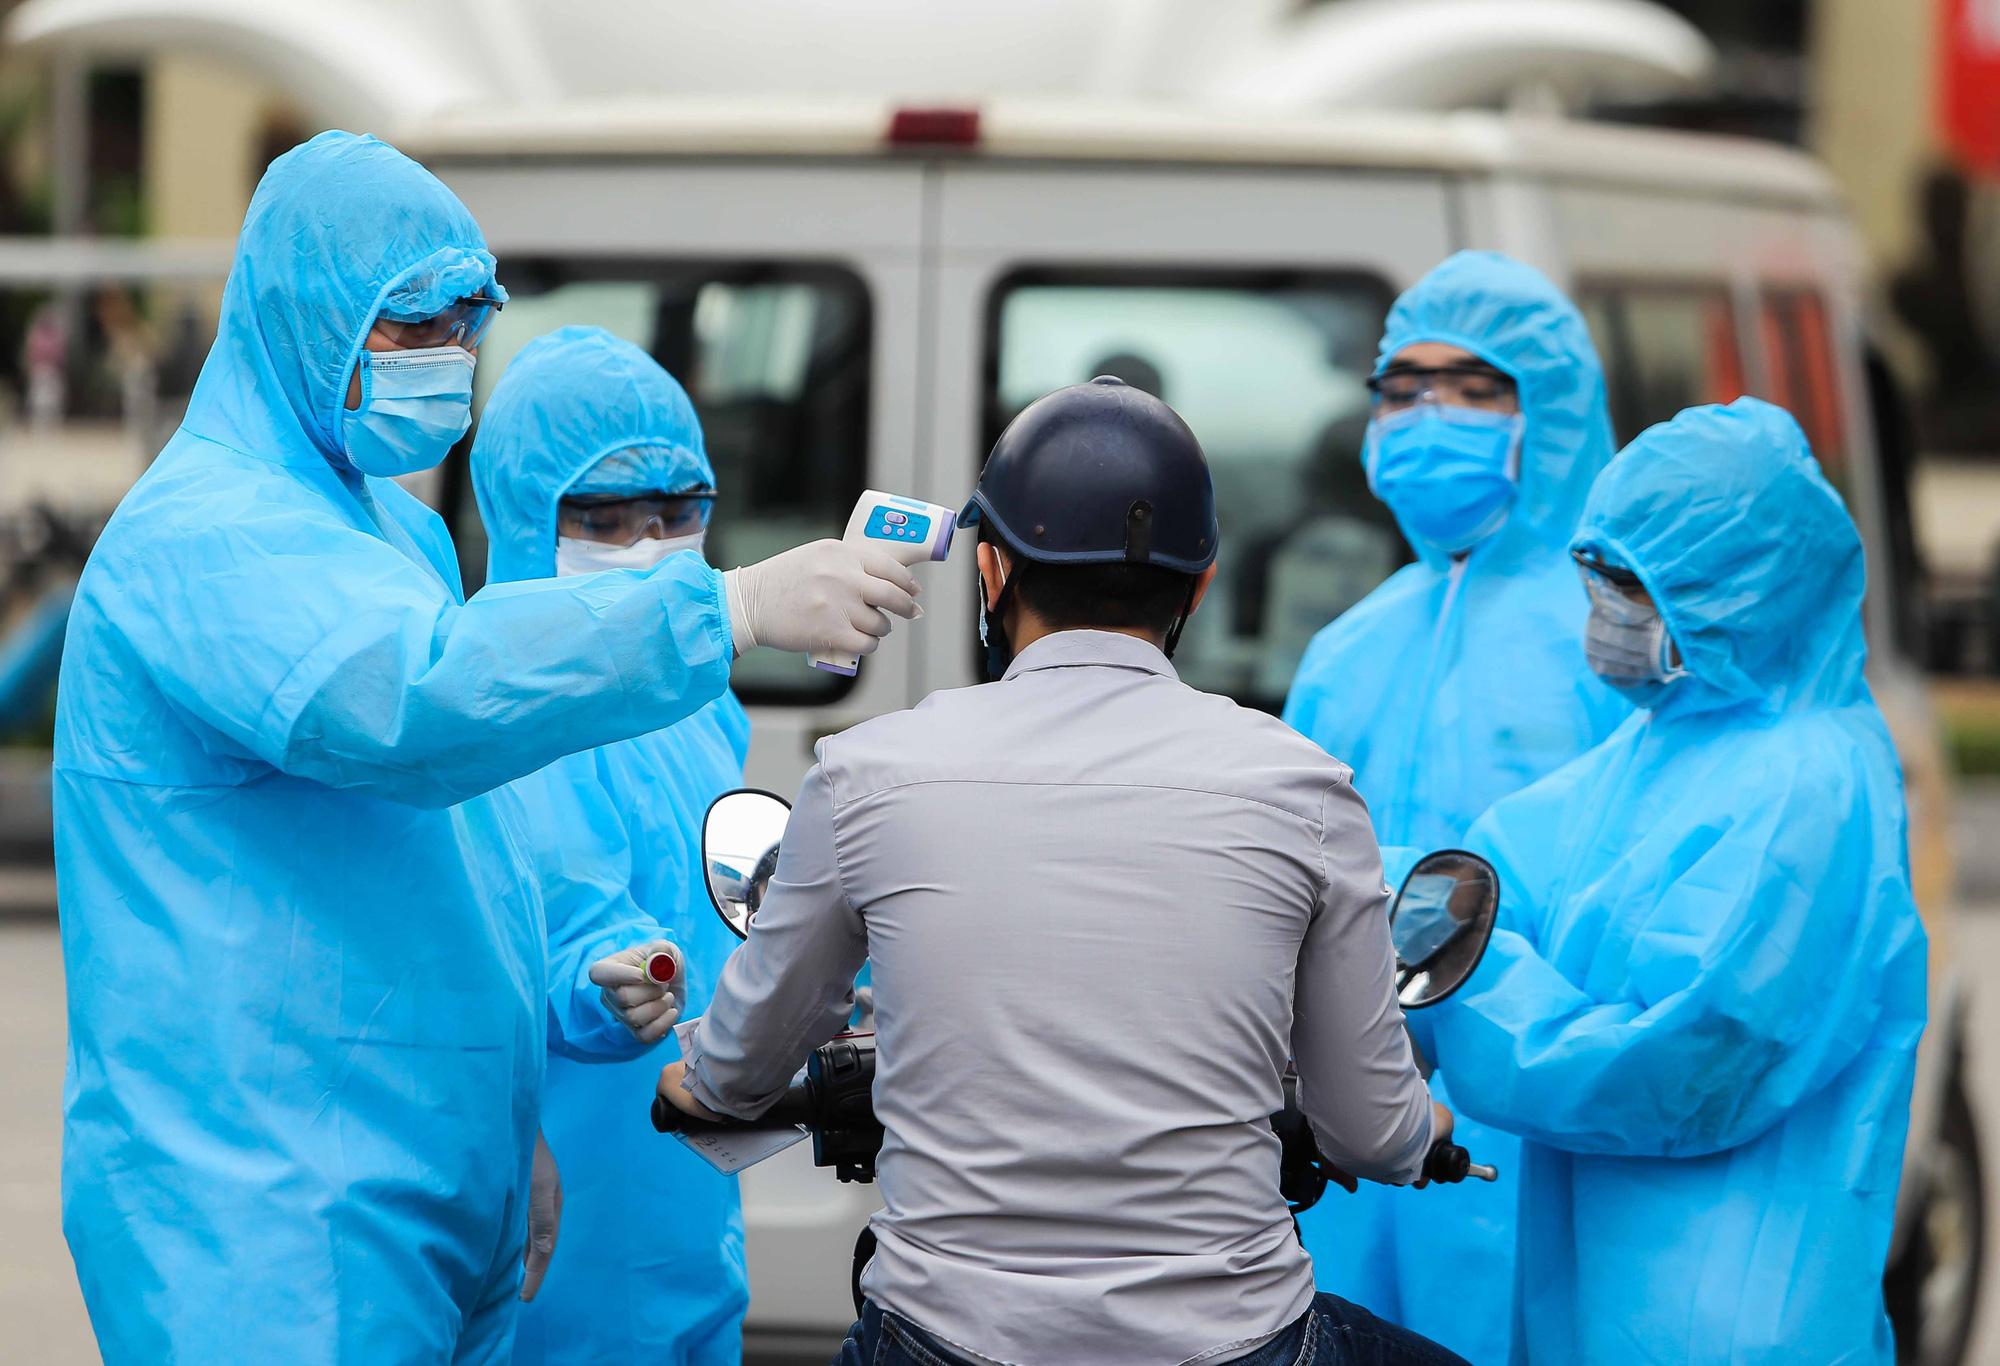 Đà Nẵng điều tra người đi thăm khám tại bệnh viện Bạch Mai để cách li, xét nghiệm Covid-19 - Ảnh 1.